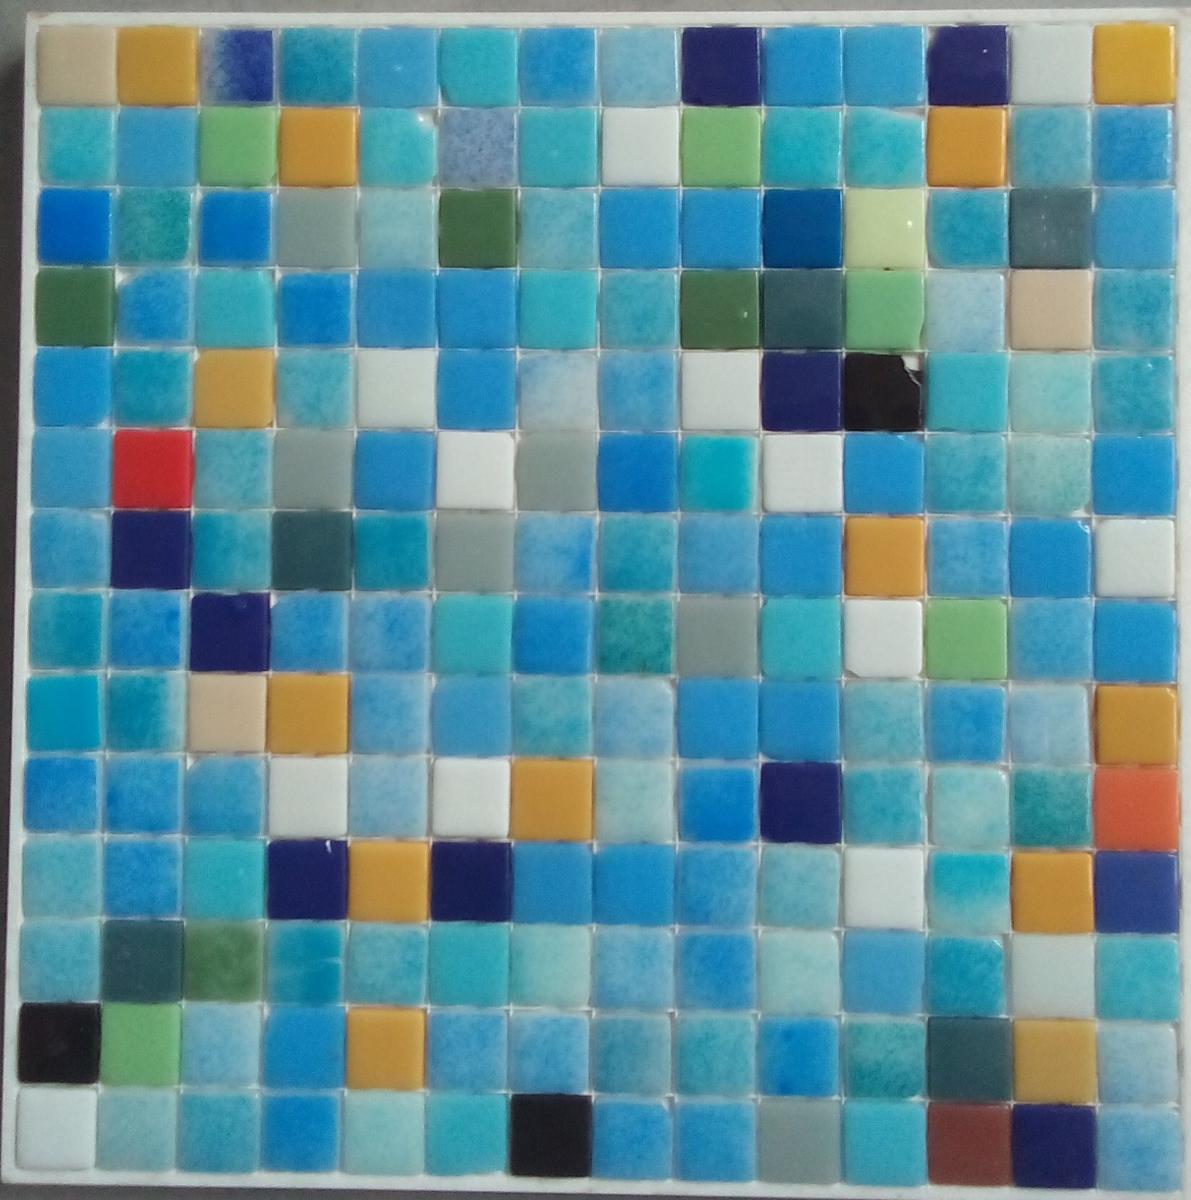 Emaux De Verre Salle De Bain ~ mosa que maux de verre m langes bleu 2eme choix de 33 5 par 33 50